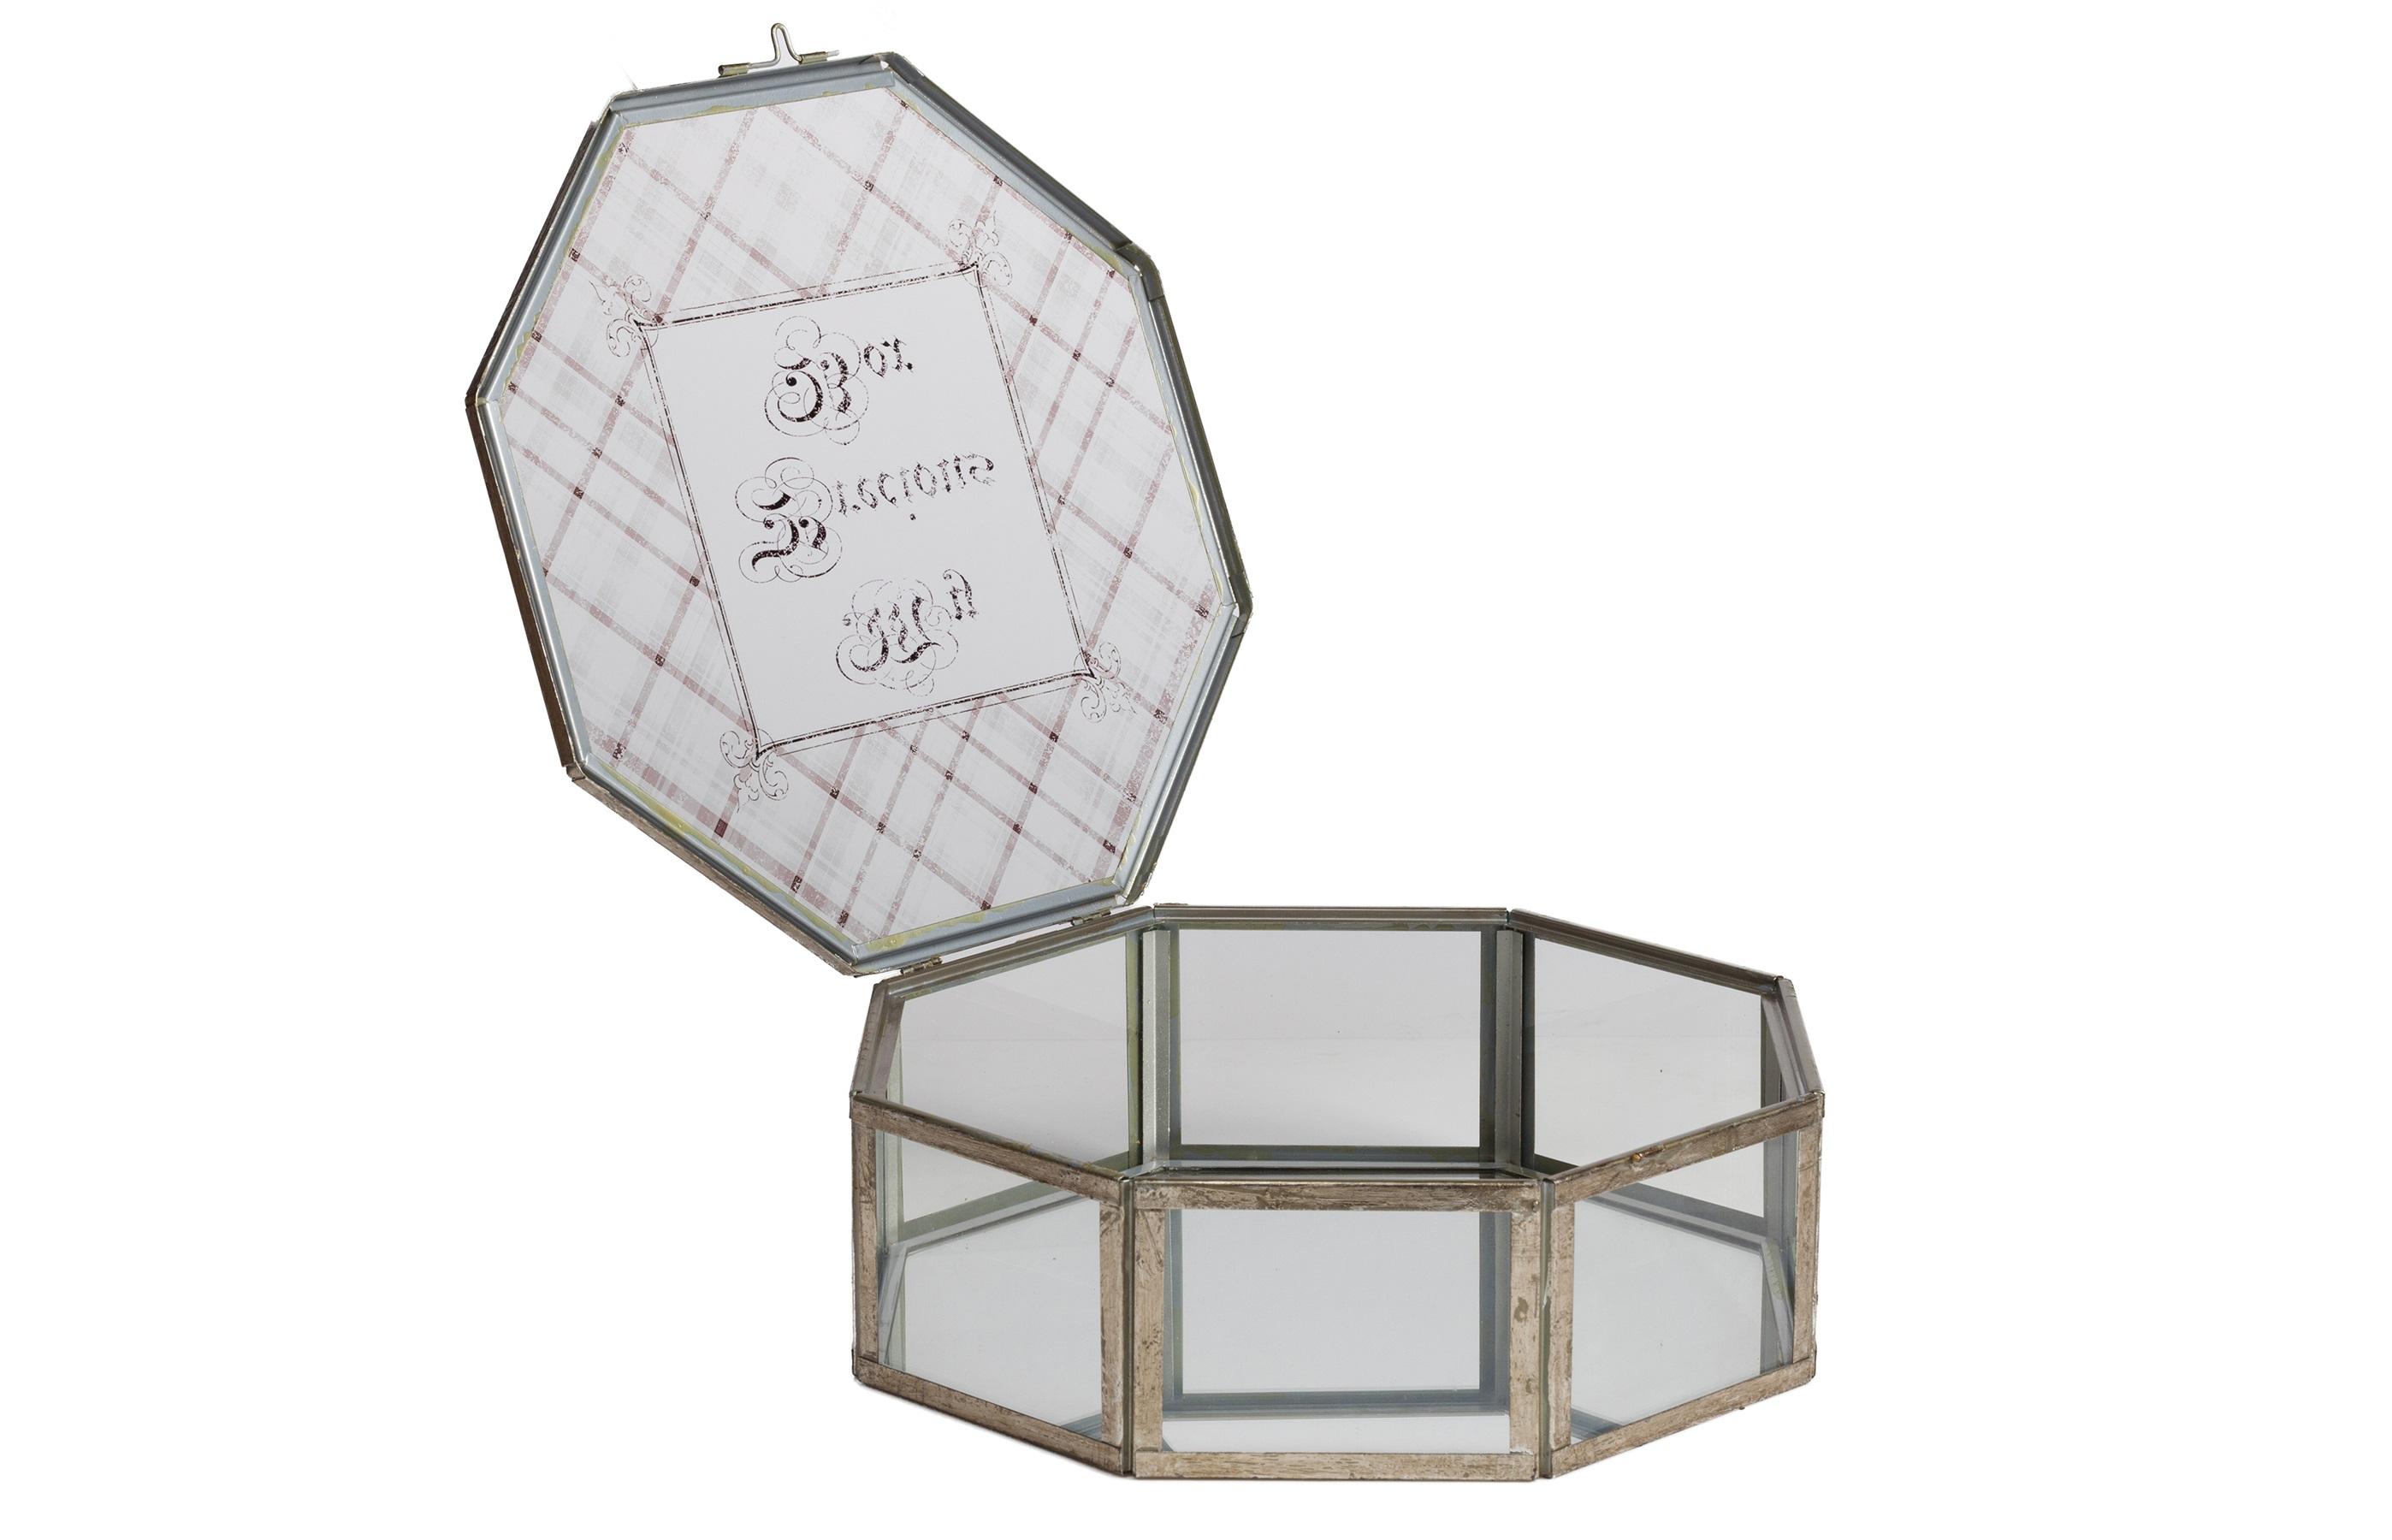 Коробка для ювелирных украшений ArielШкатулки<br>&amp;lt;div&amp;gt;Материал: Стекло, Металл&amp;lt;/div&amp;gt;&amp;lt;div&amp;gt;&amp;lt;br&amp;gt;&amp;lt;/div&amp;gt;<br><br>Material: Металл<br>Length см: None<br>Width см: 28<br>Depth см: 28<br>Height см: 10